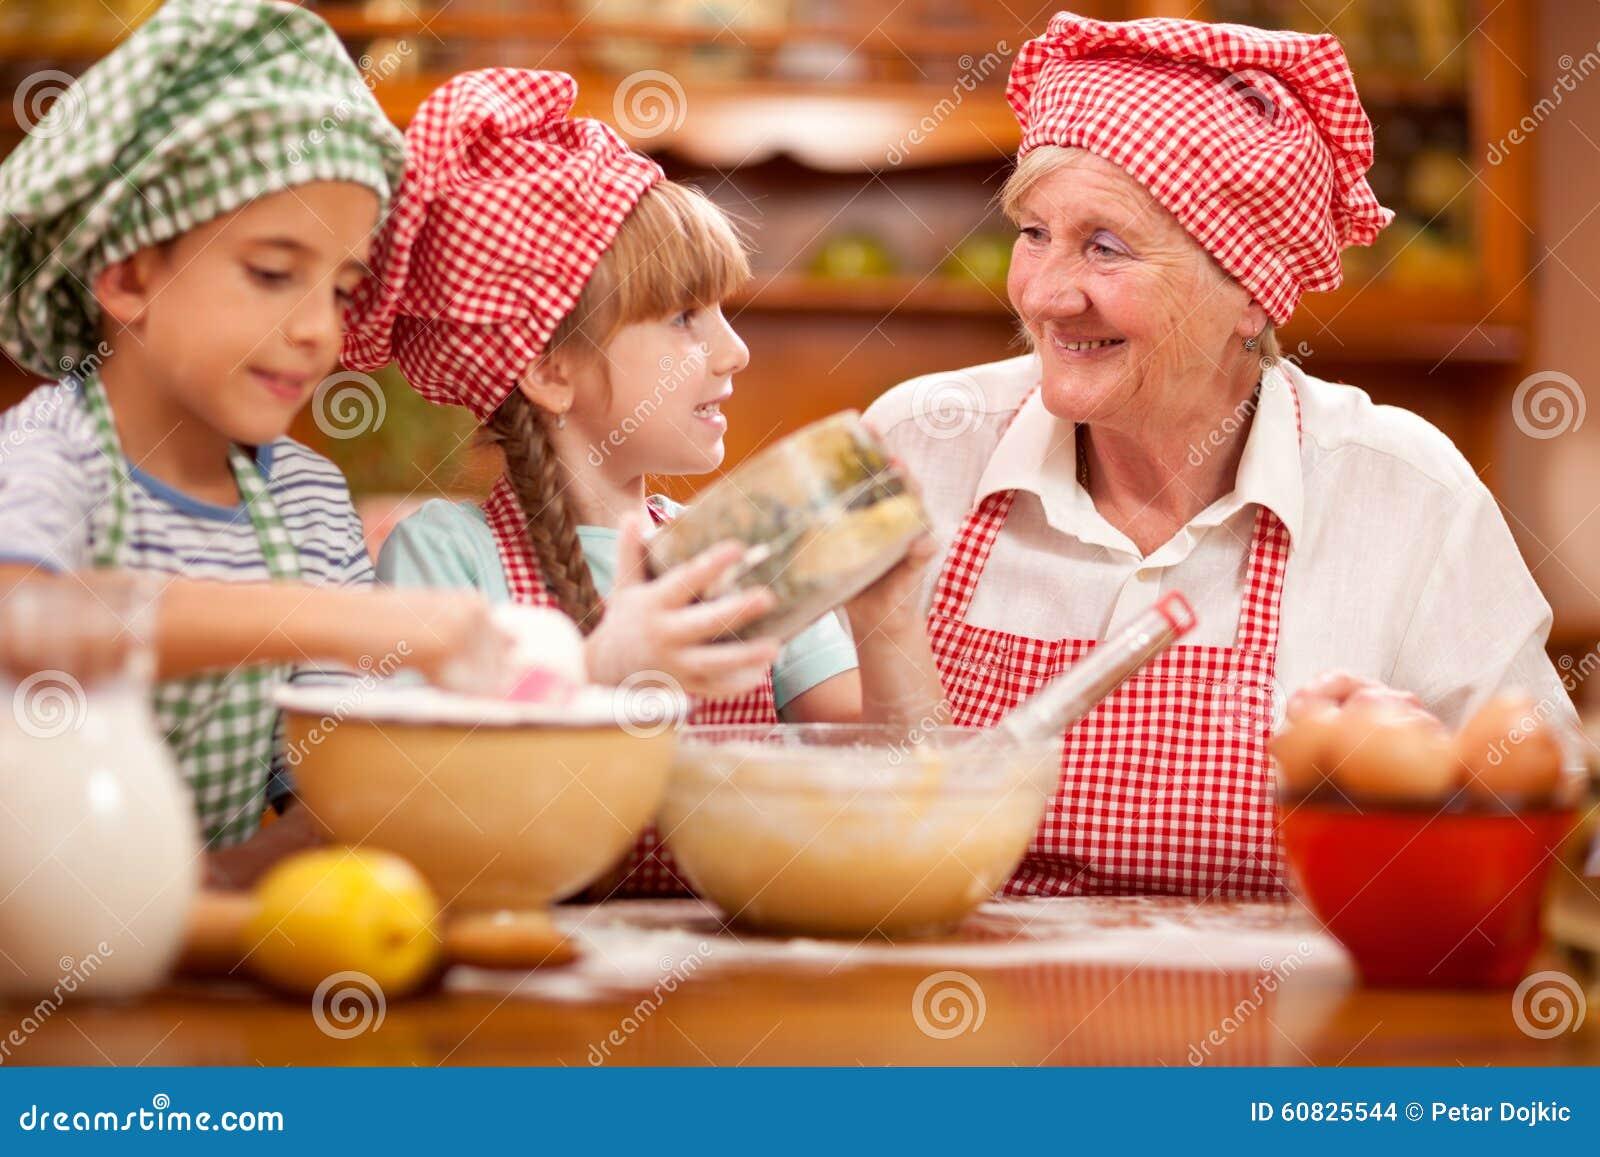 Abuela, nieto y cocinero Baking In Kitchen de la nieta